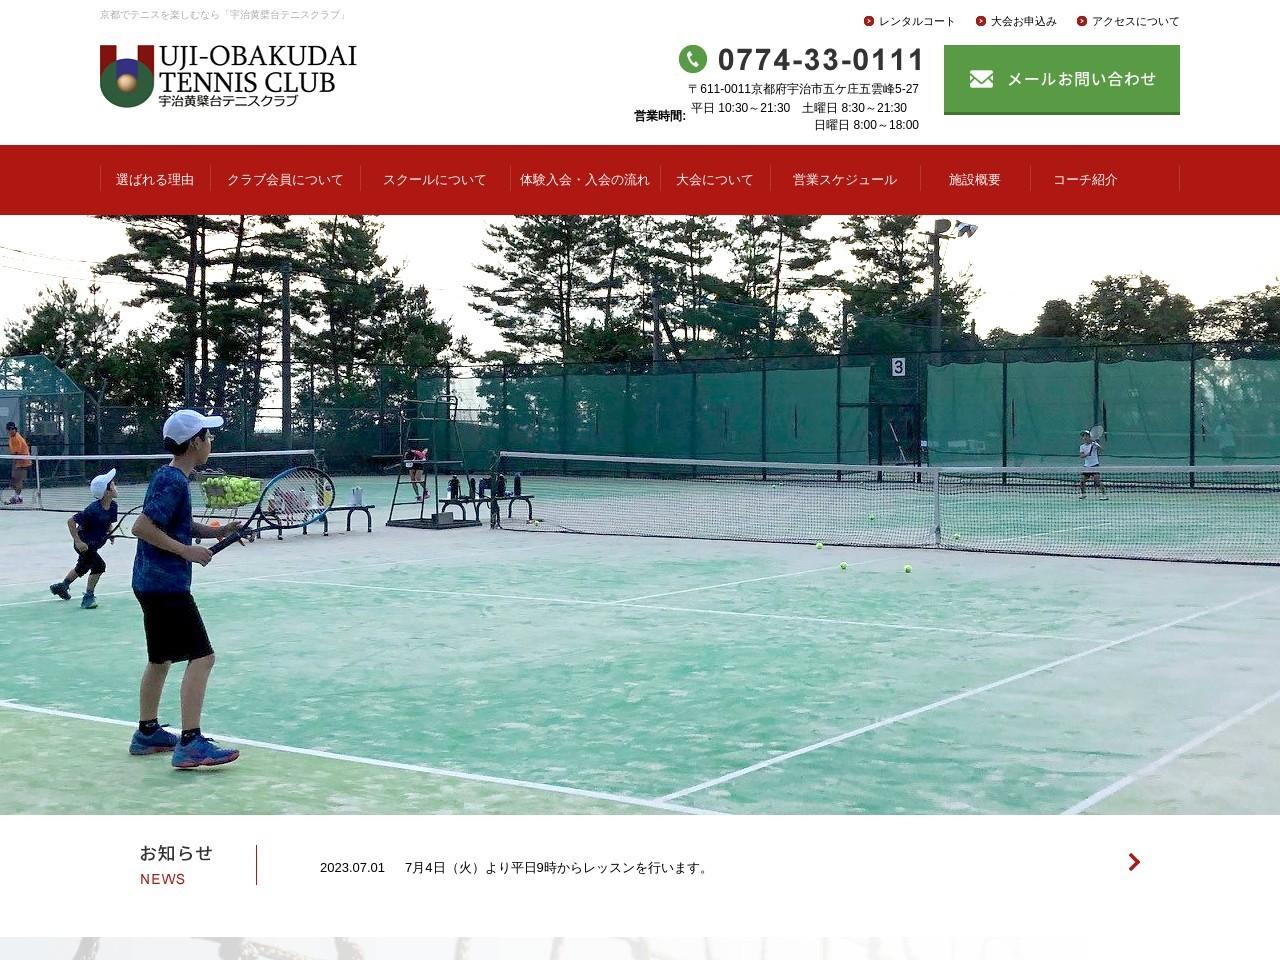 宇治黄檗台テニスクラブ